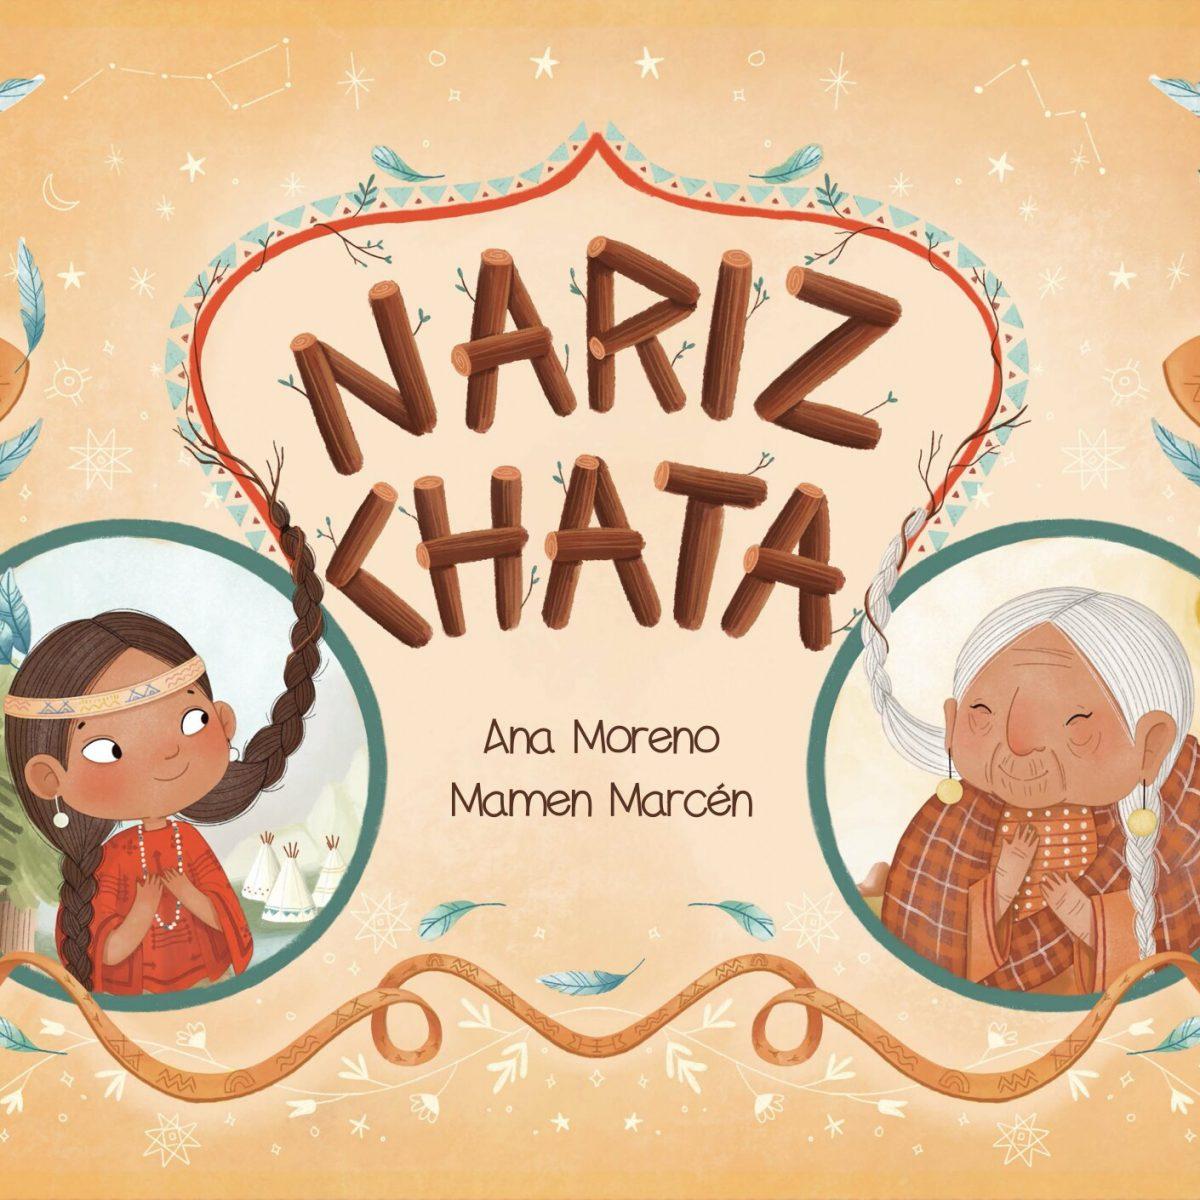 Portada Nariz Chata Ana Moreno